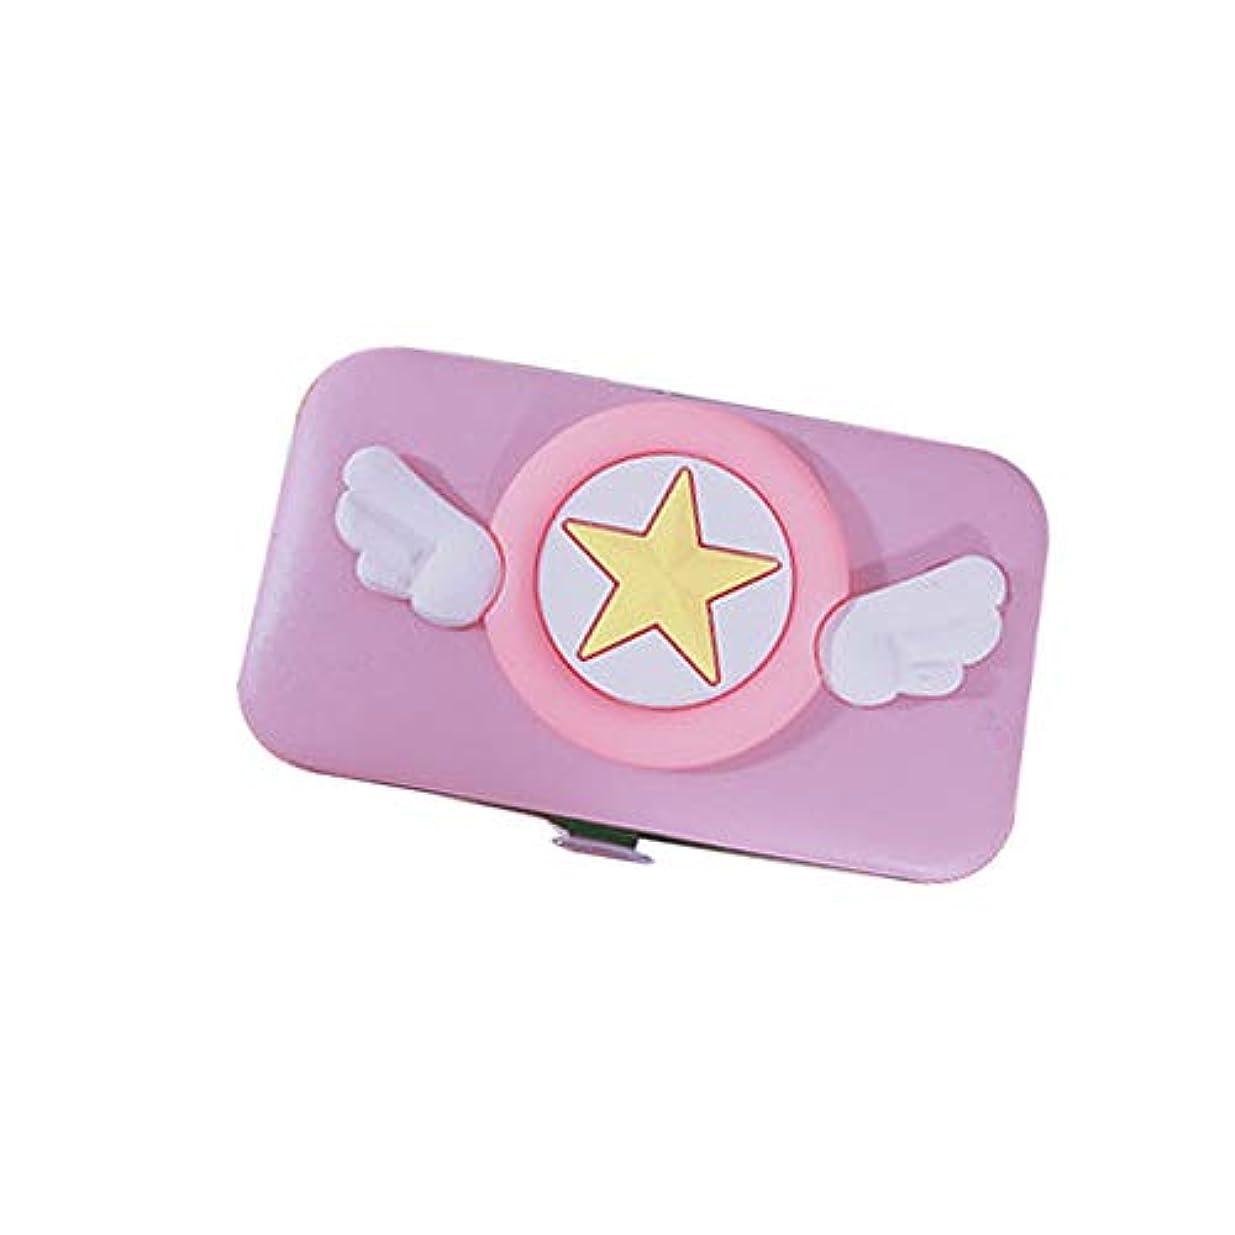 ポーズ淡い湖ビッグウィングネイルクリッパーセットネイルケアセット携帯便利 収納ケース付き、ピンク、7点セット